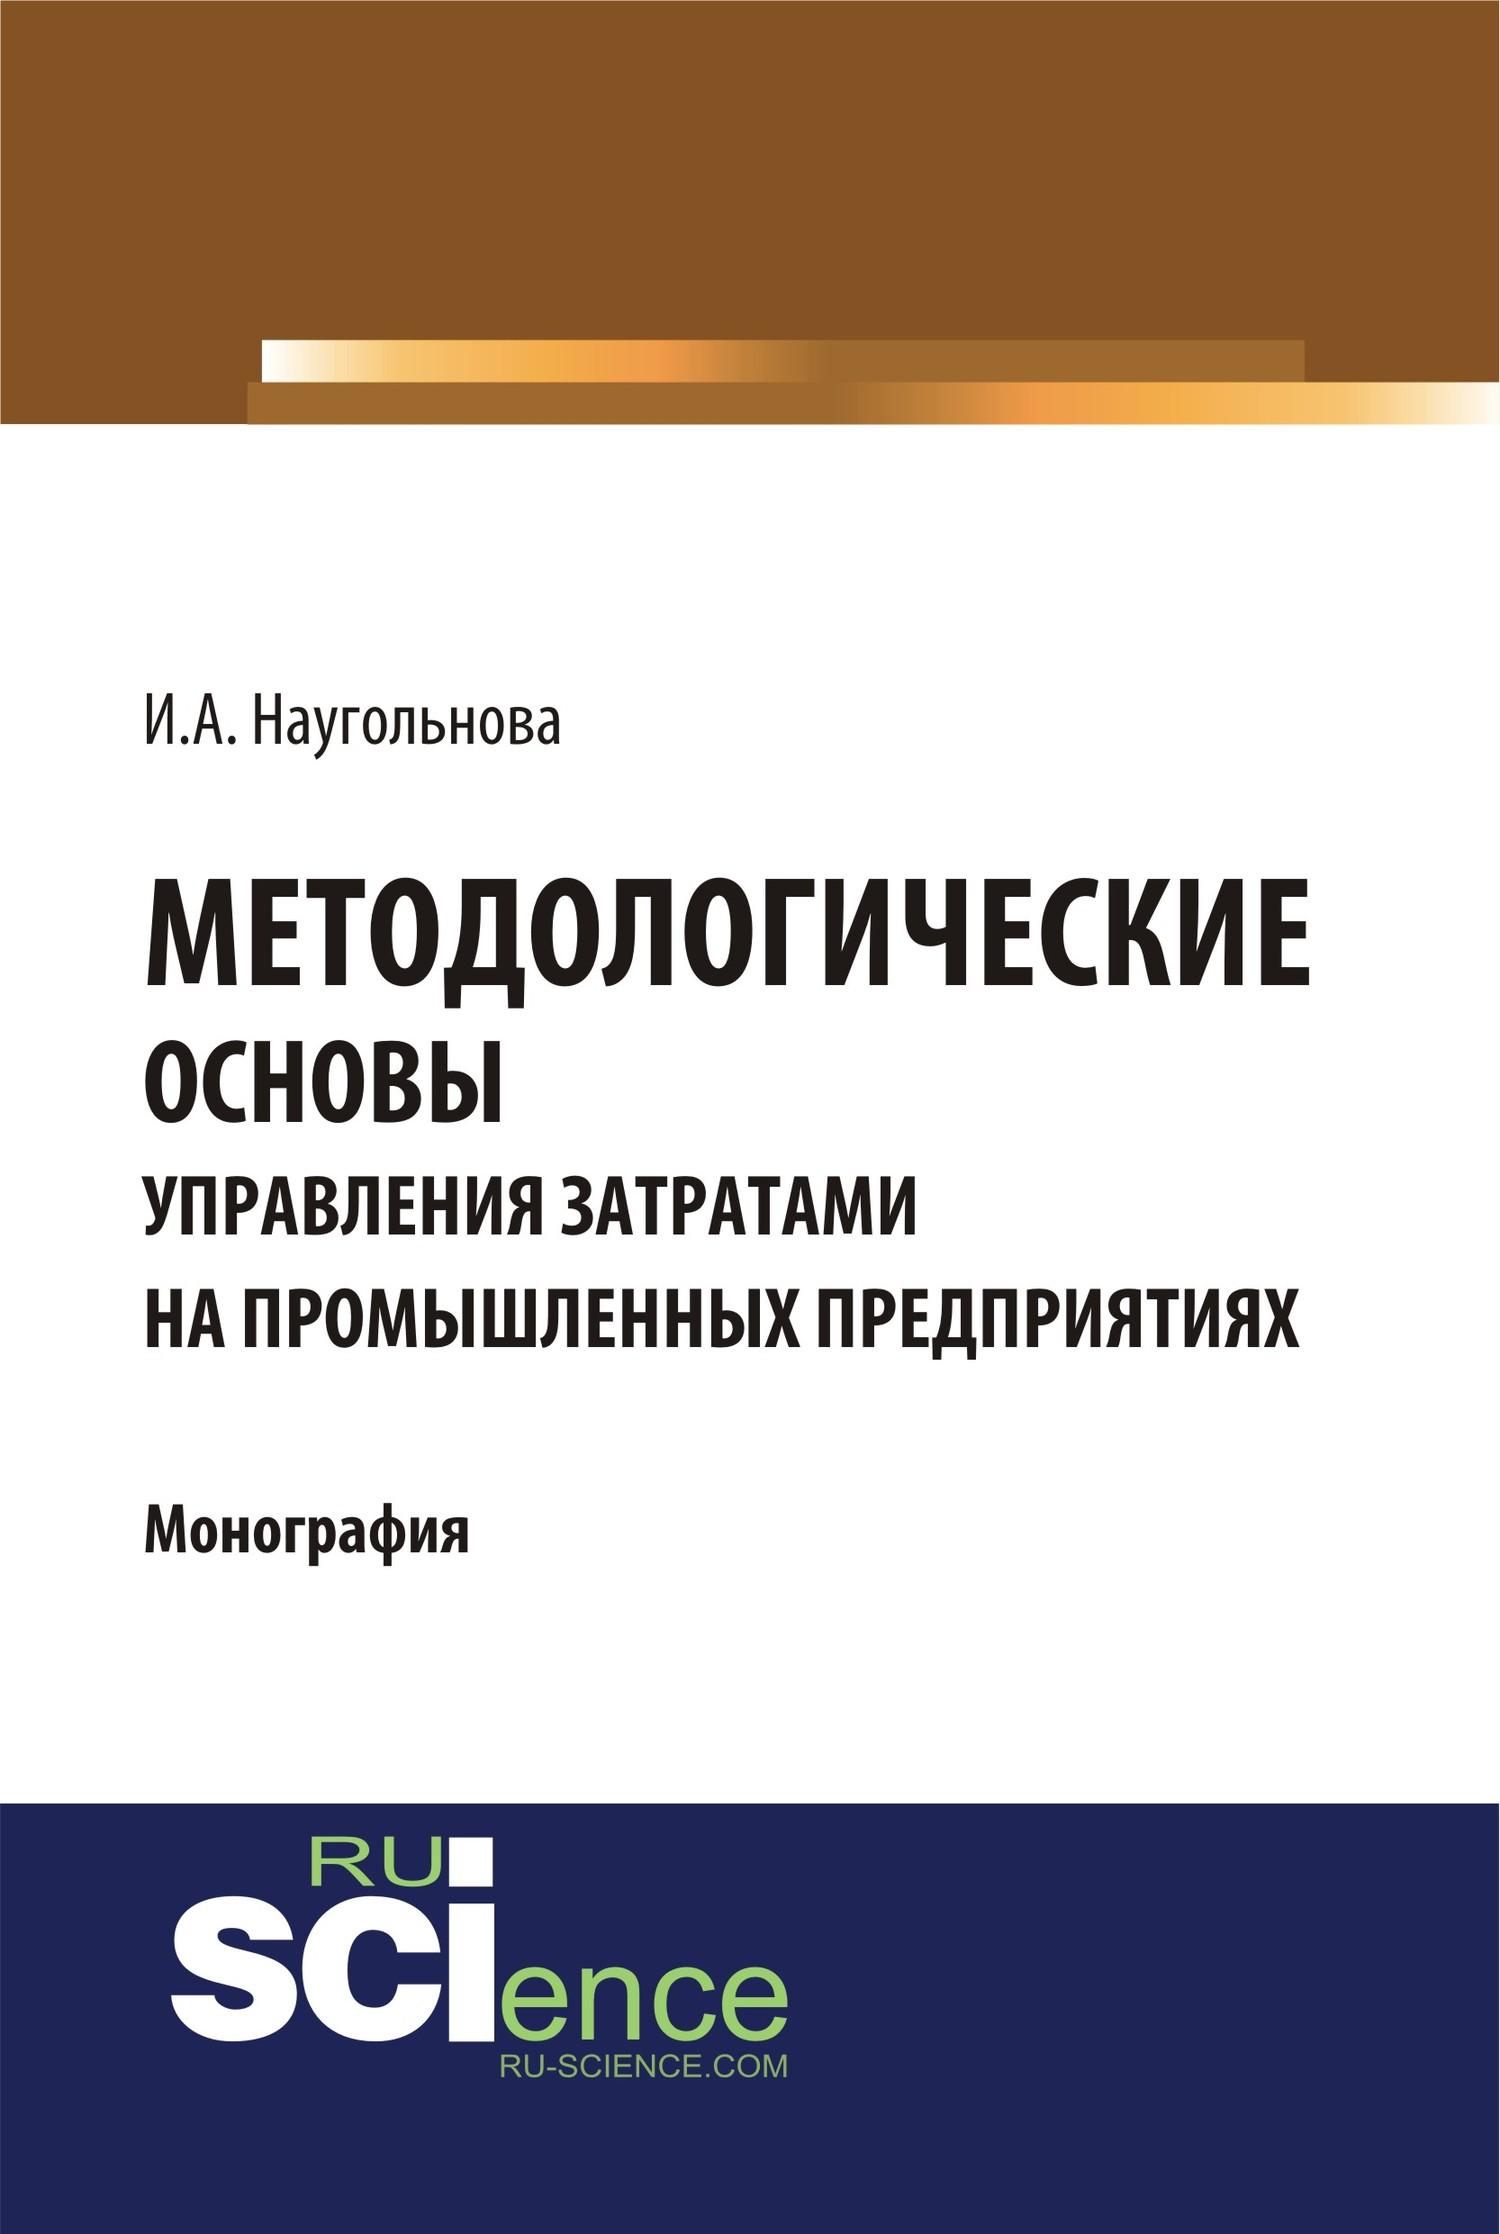 И. А. Наугольнова Методологические основы управления затратами на промышленных предприятиях